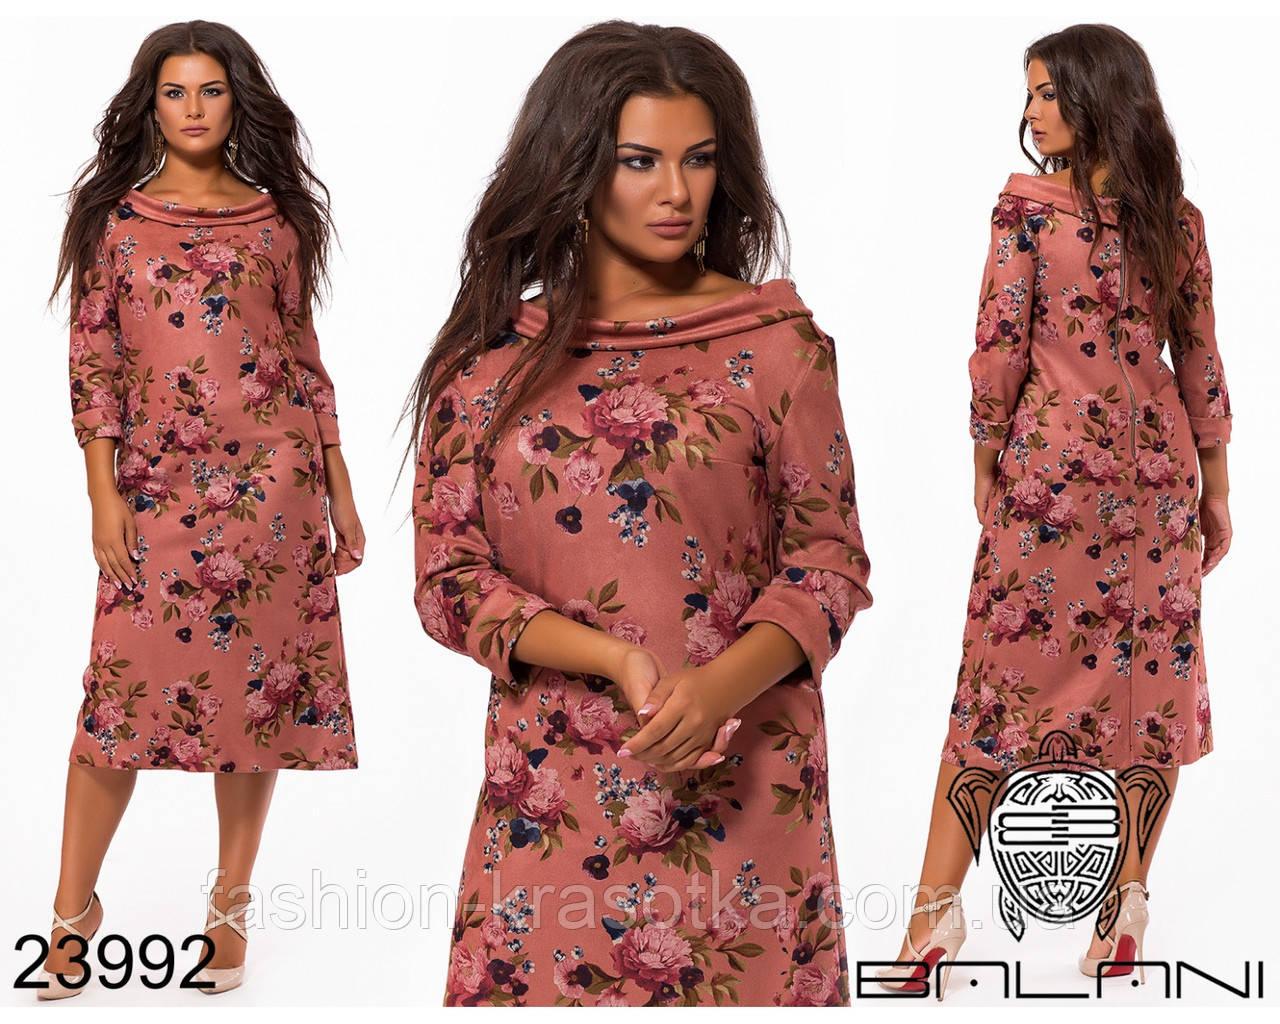 Удлиненное женское вечернее платье,размеры:48,50,52,54.